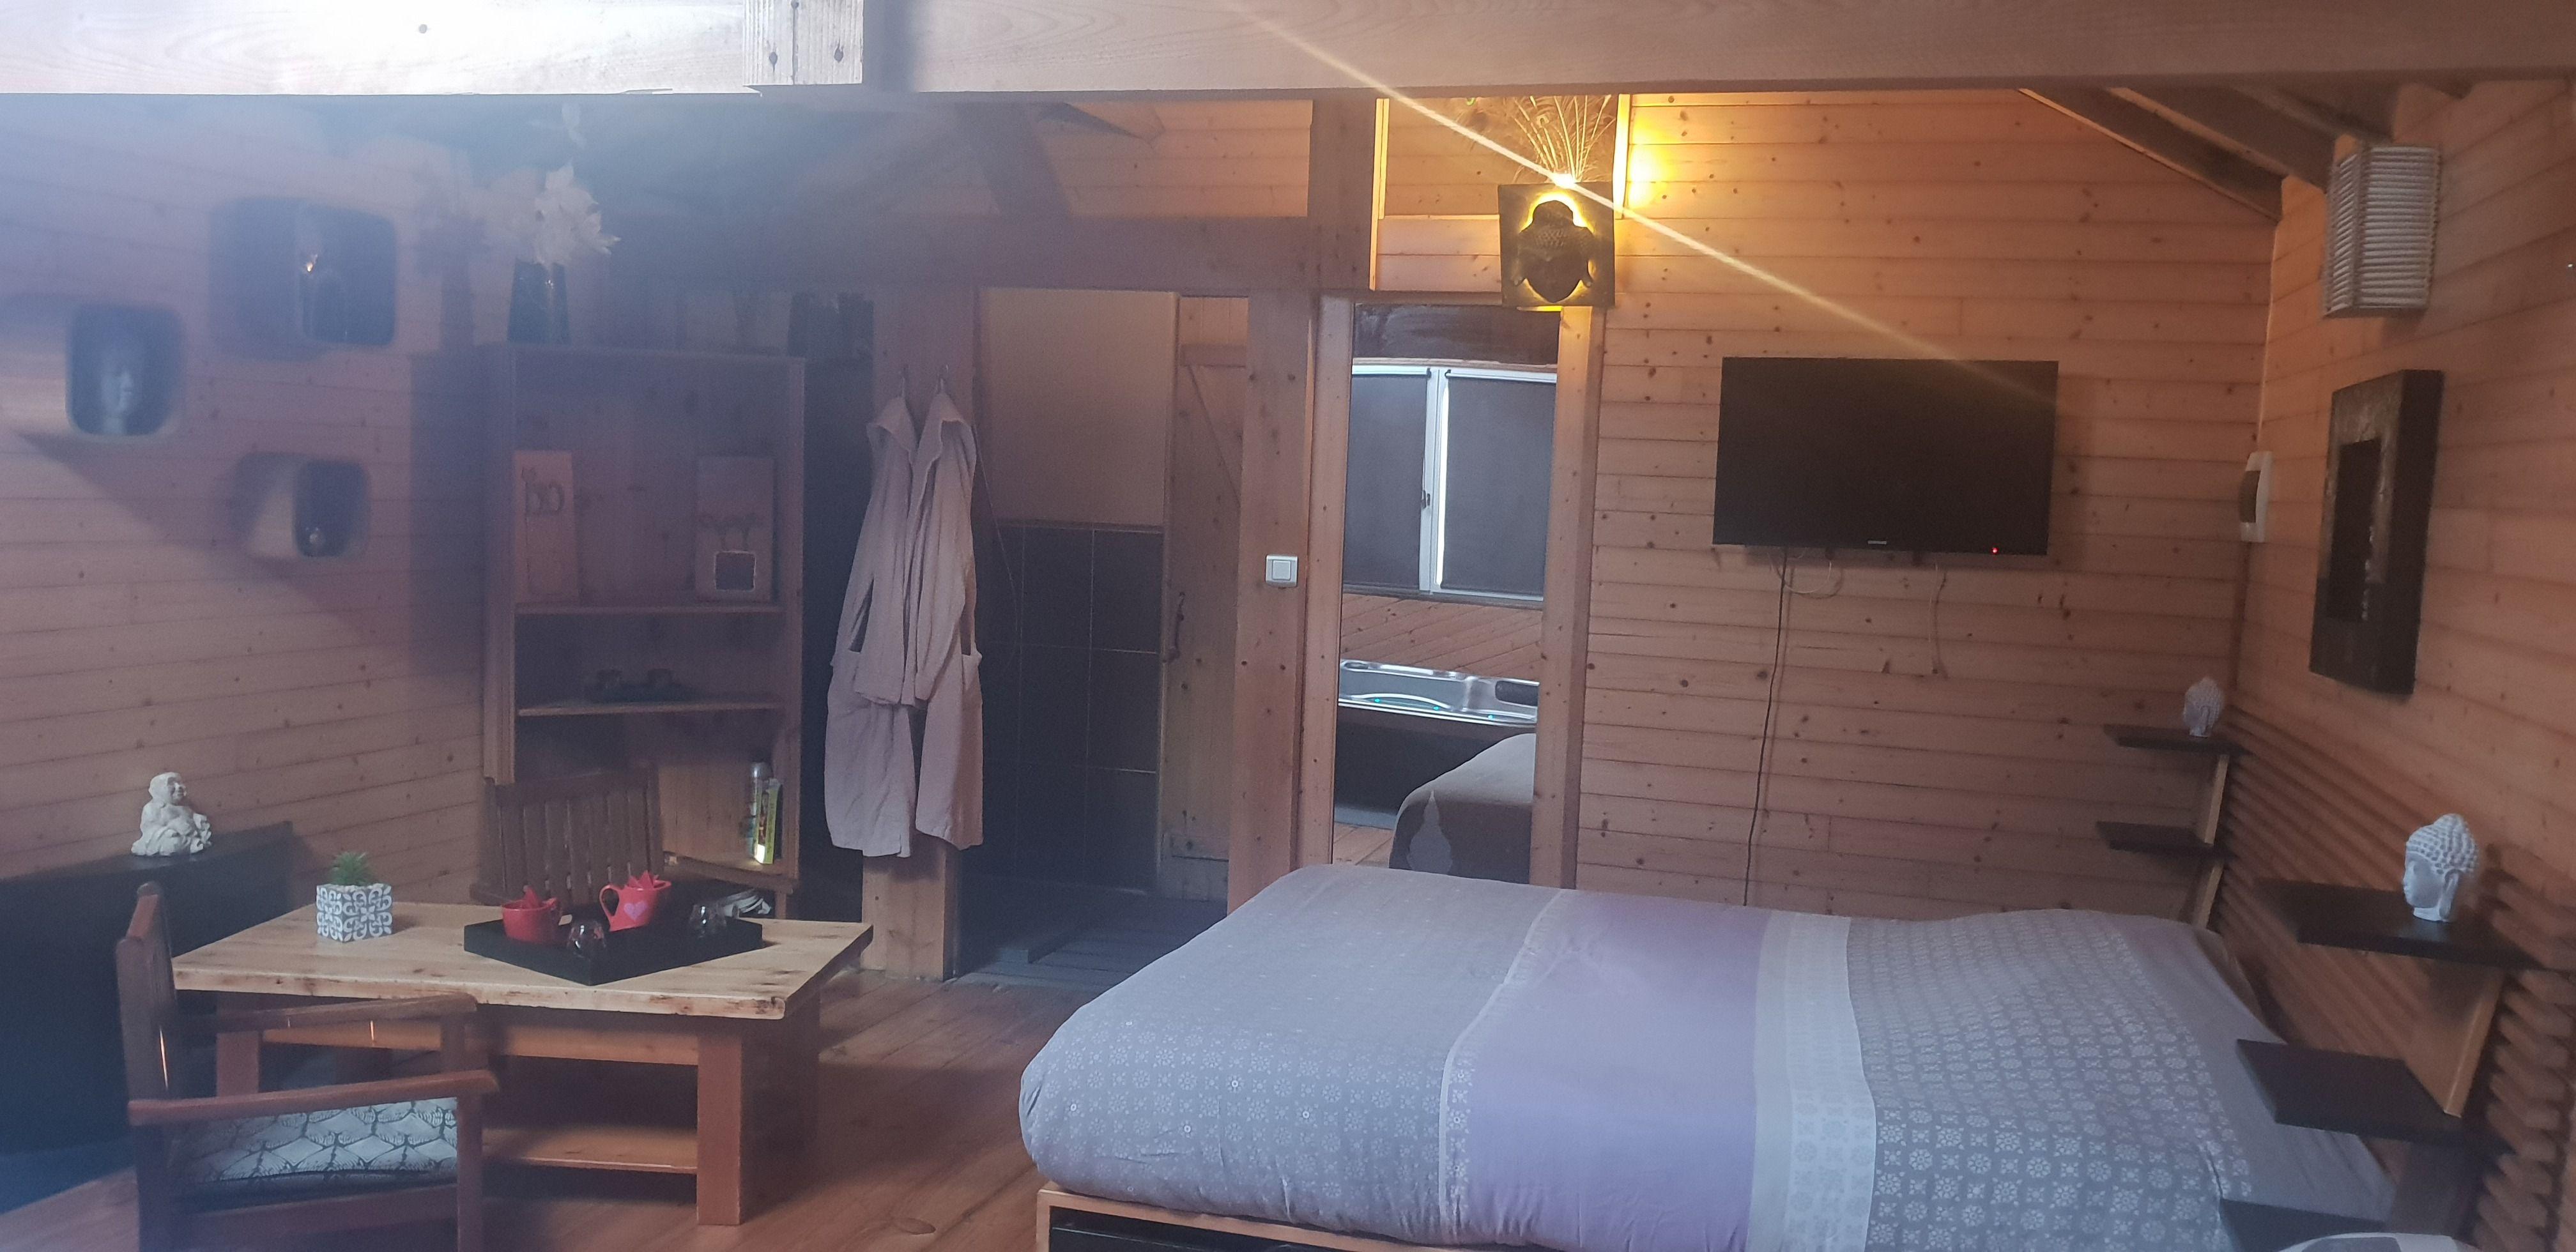 chambre-jacuzzi-privatif-lille-nord-pas-de-calais-tv-lit-peignoir-table-chaise